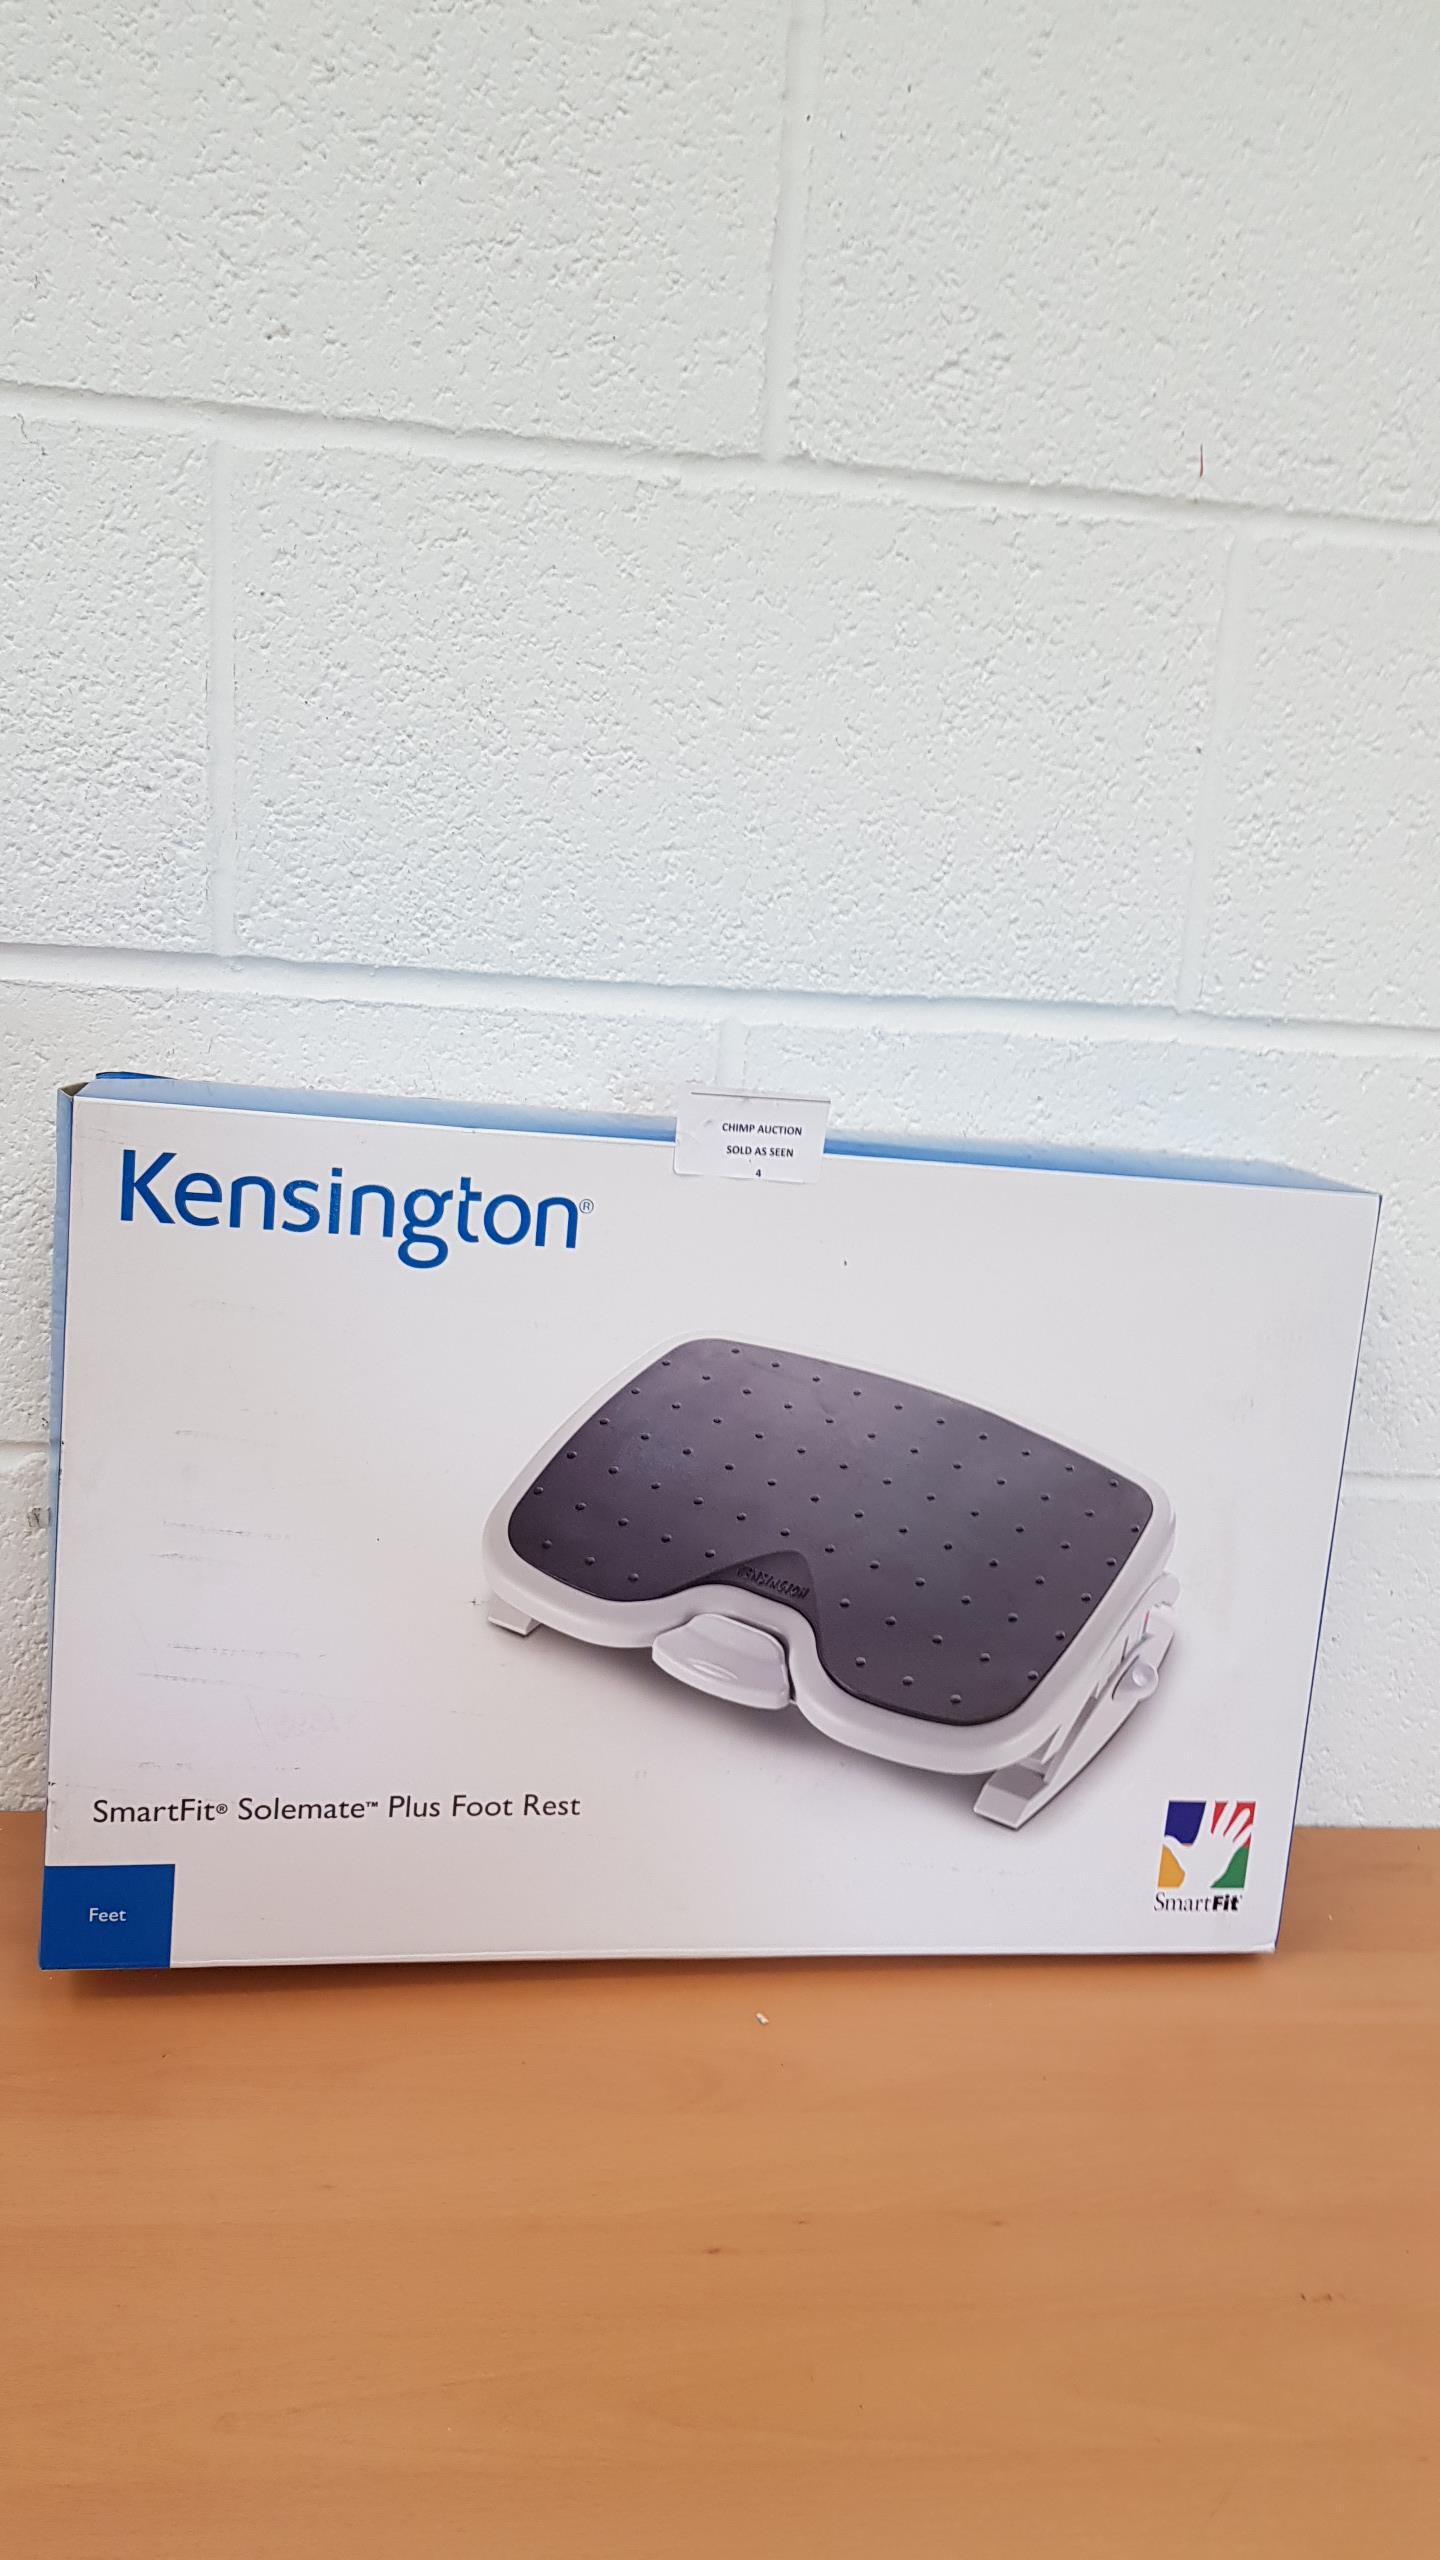 Lot 4 - Kensington SmartFit Solemate Plus Foot rest